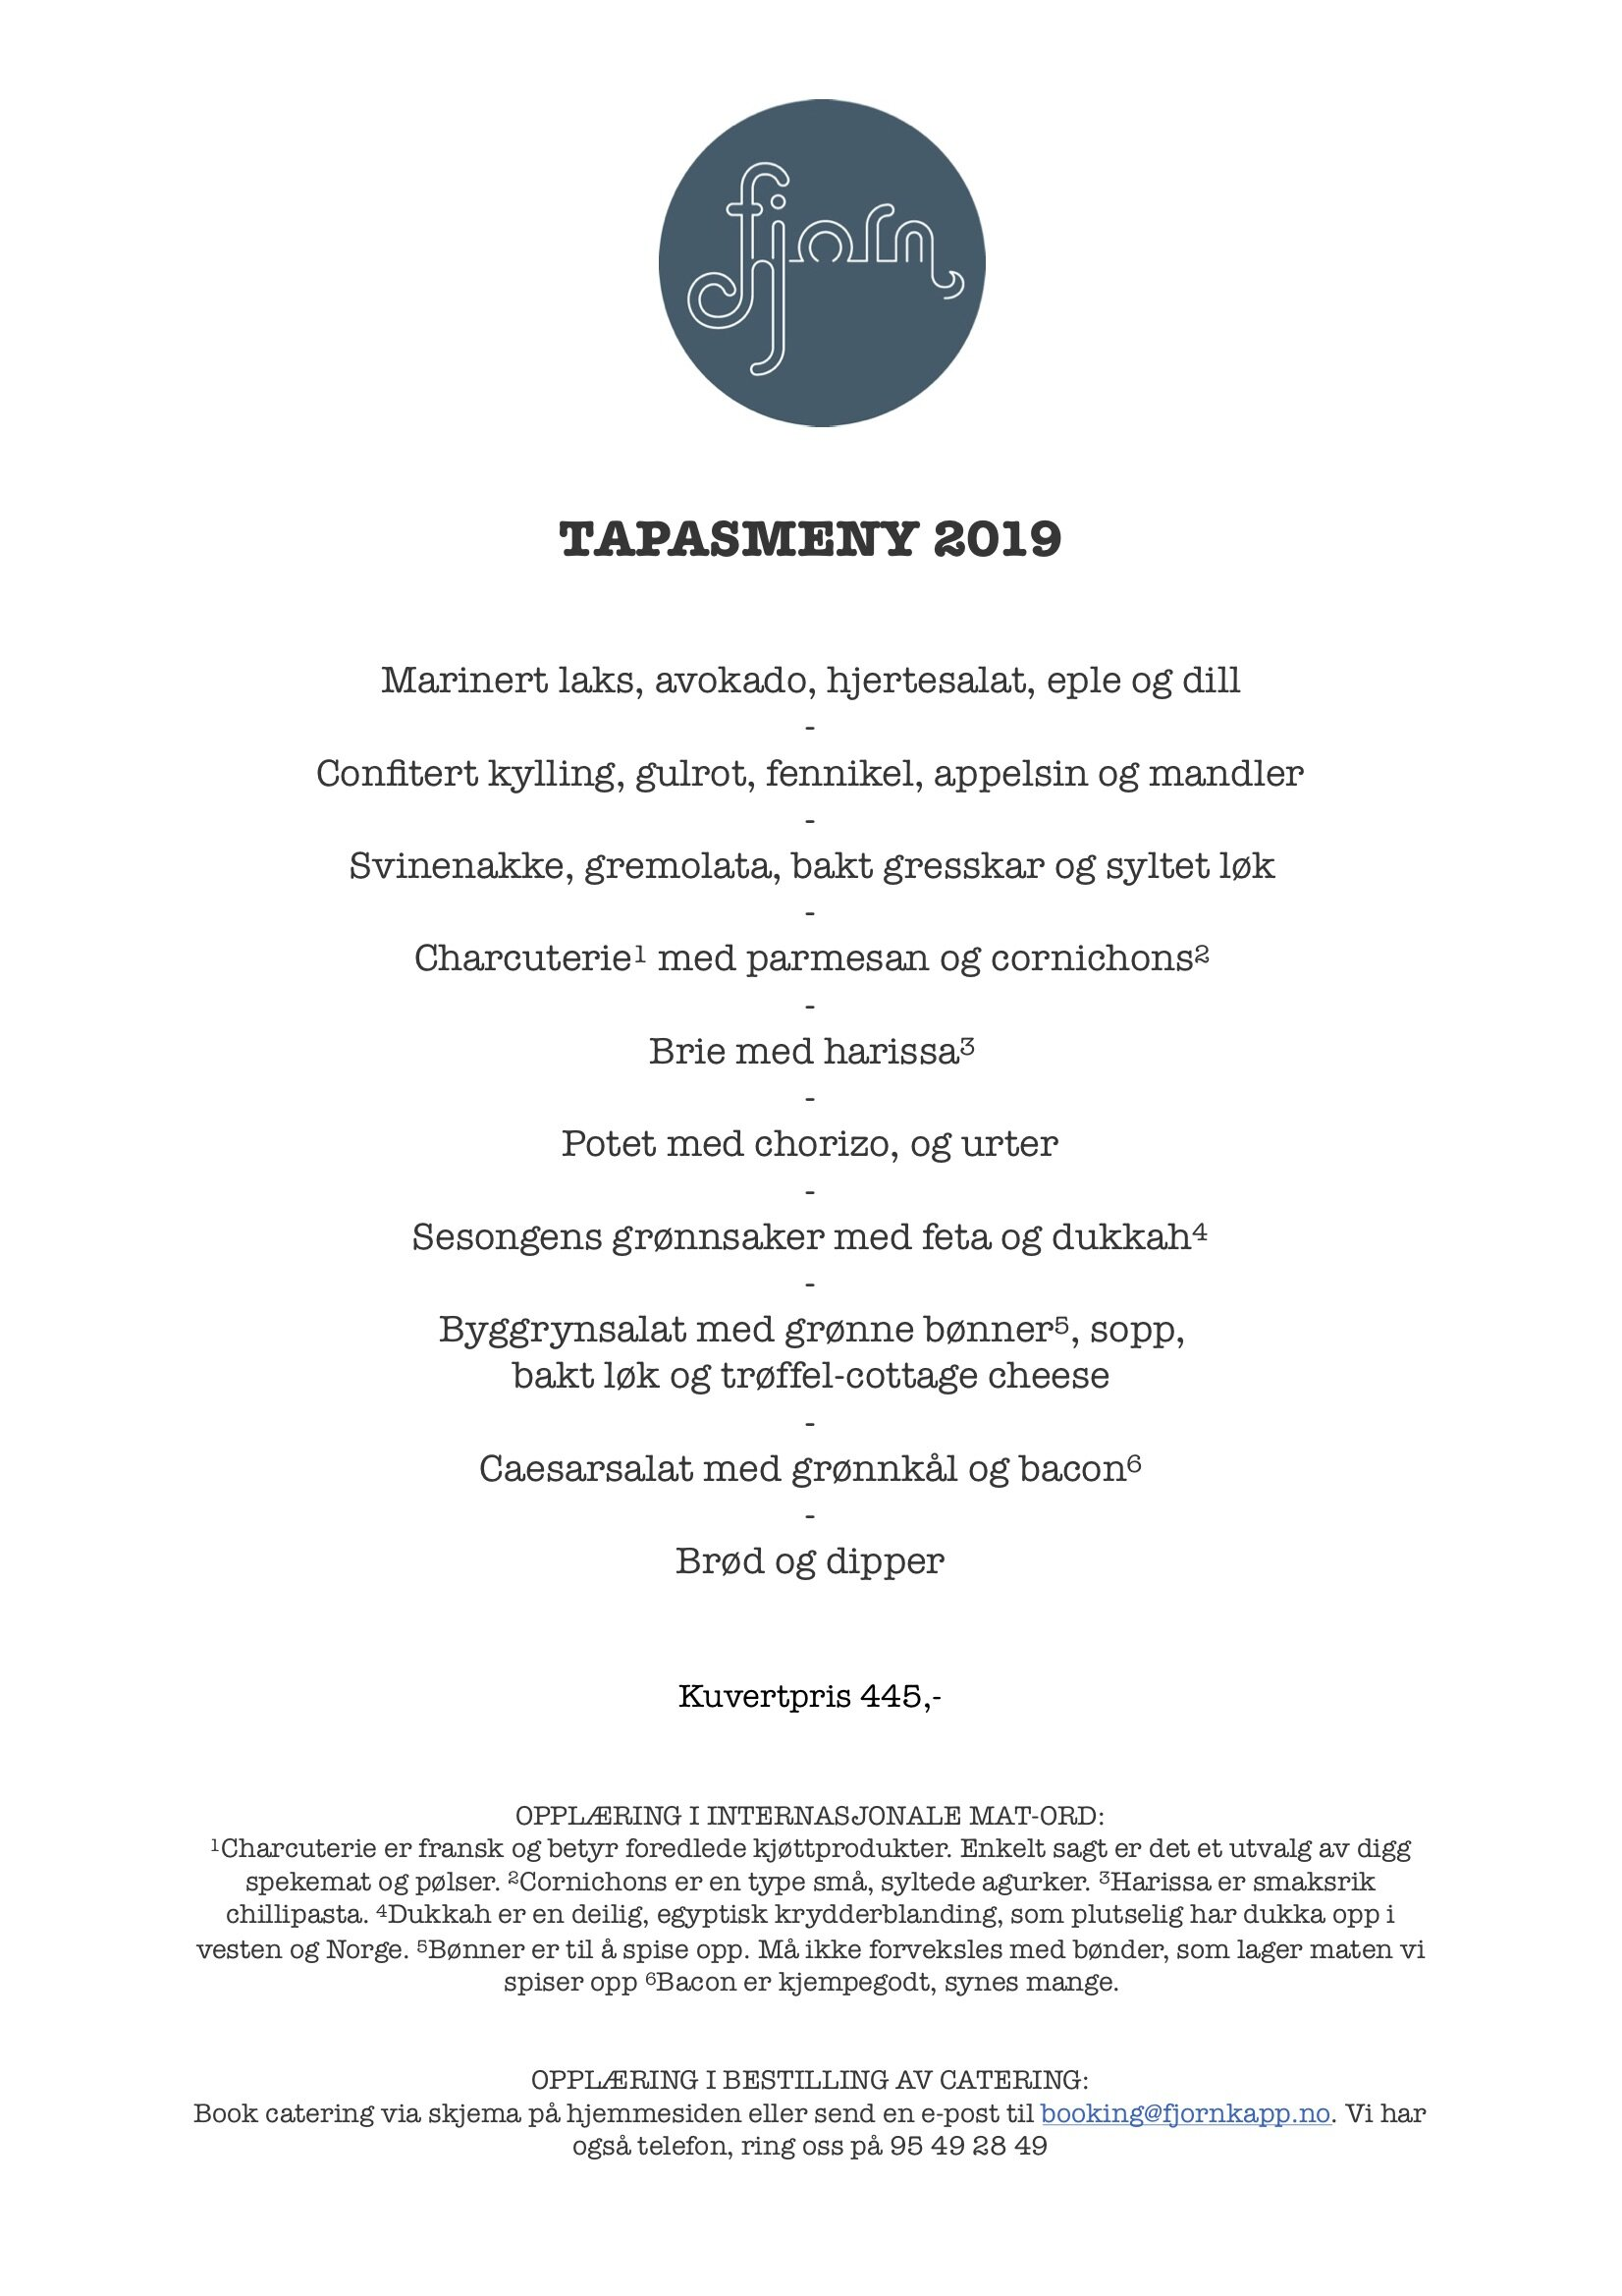 TAPASMENY FRA FJORN 2019.jpg